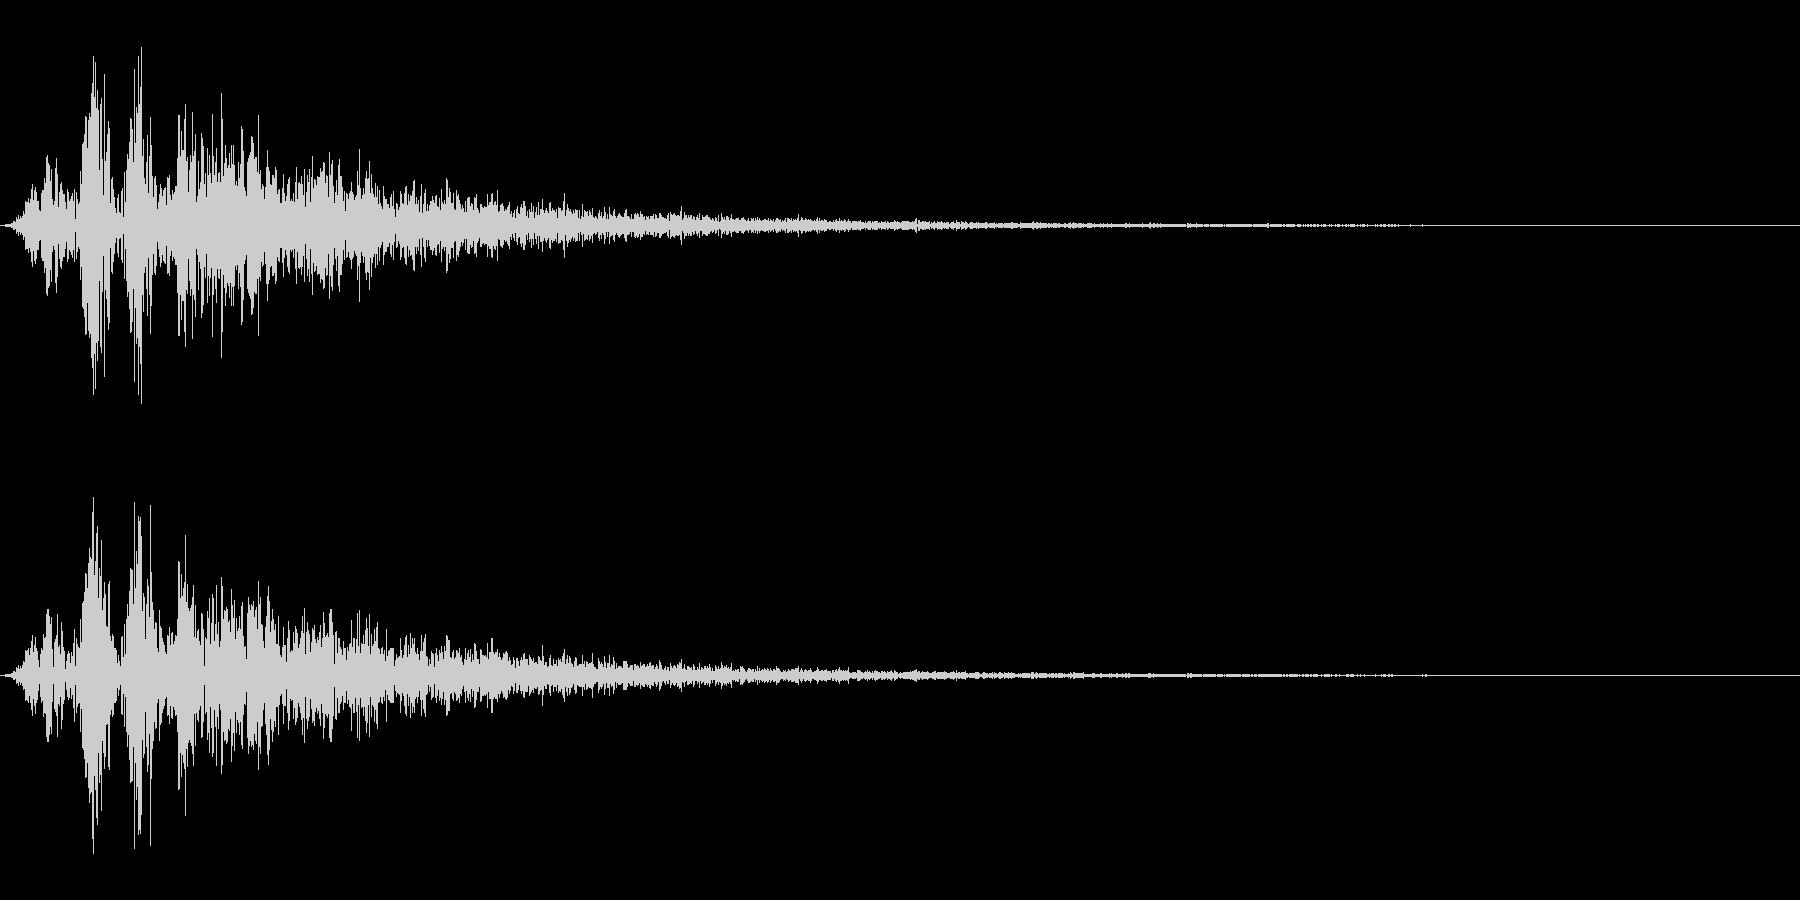 毒魔法/状態異常/バッドステータスの未再生の波形